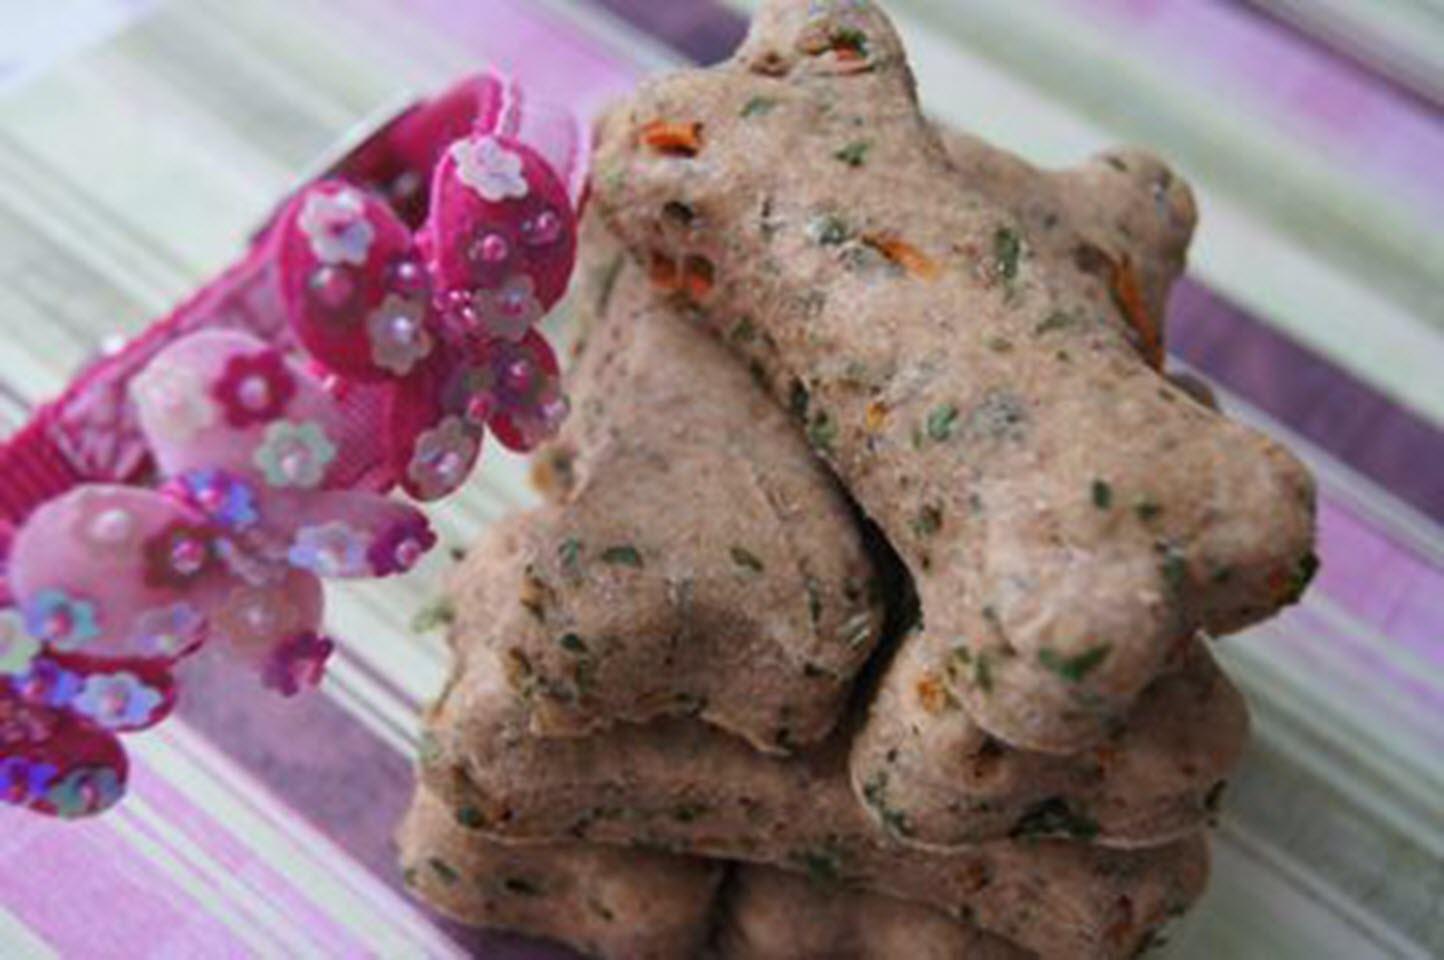 Homemade Healthy Dog Treats with Carrot and Parsley AllrecipesPhoto